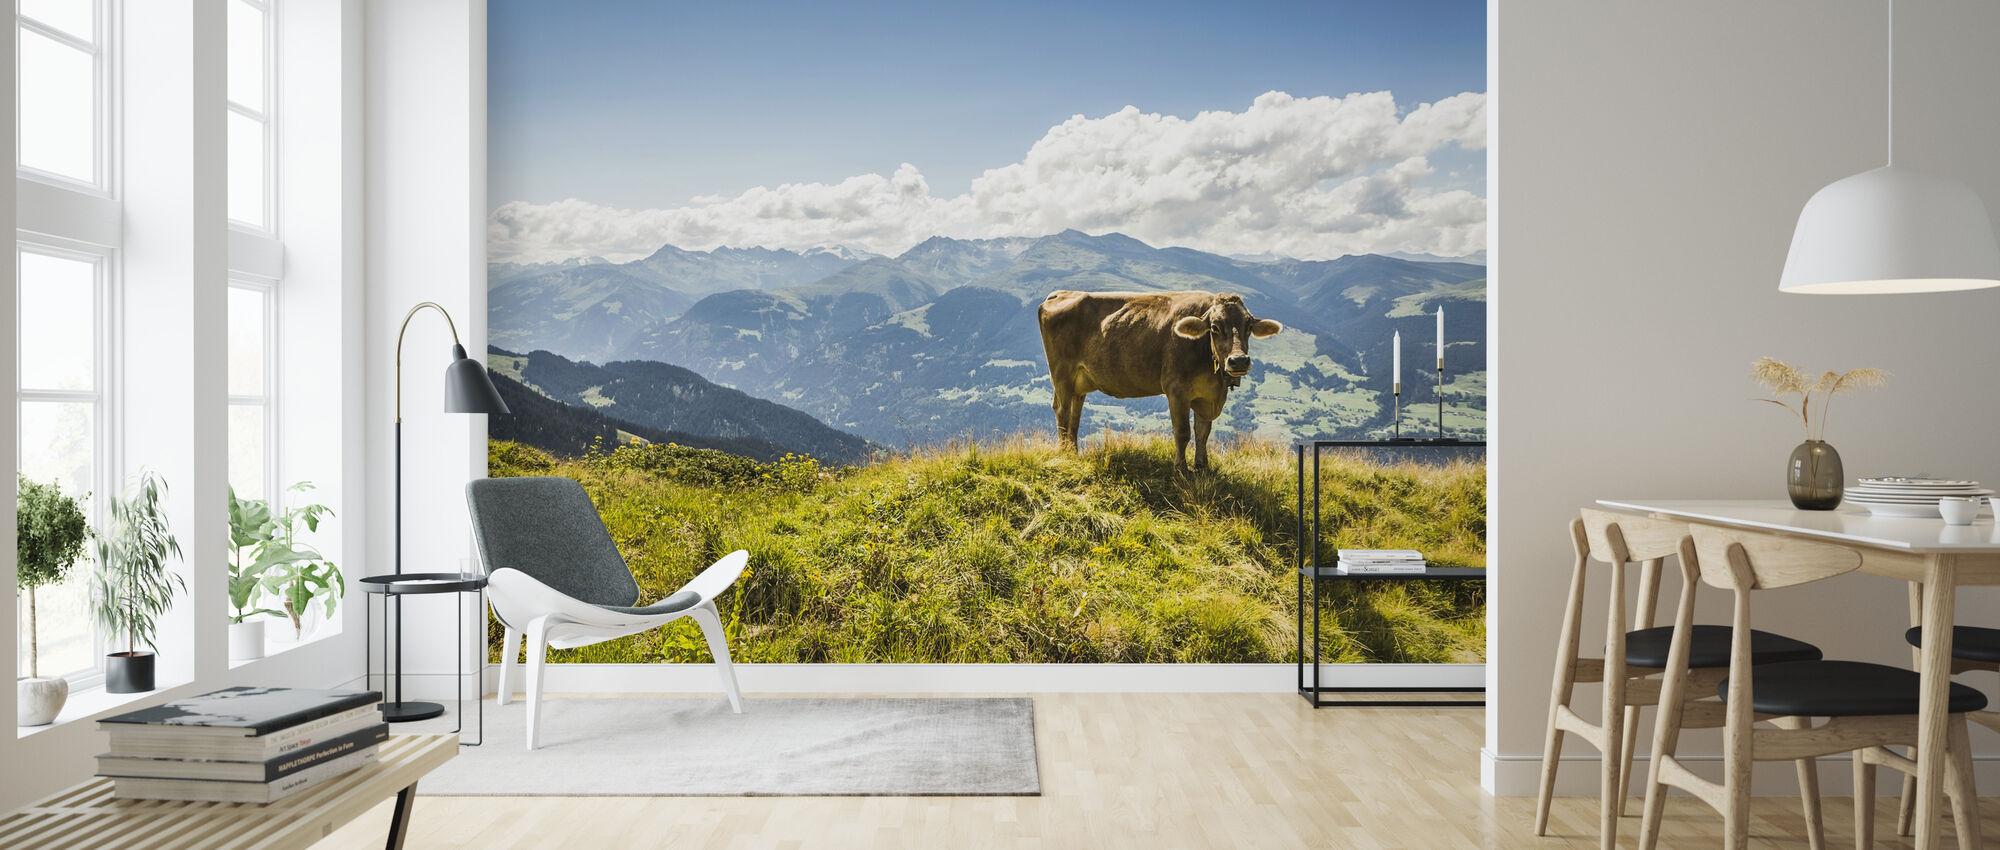 Cow Grazing on Grassy Hillside - Wallpaper - Living Room